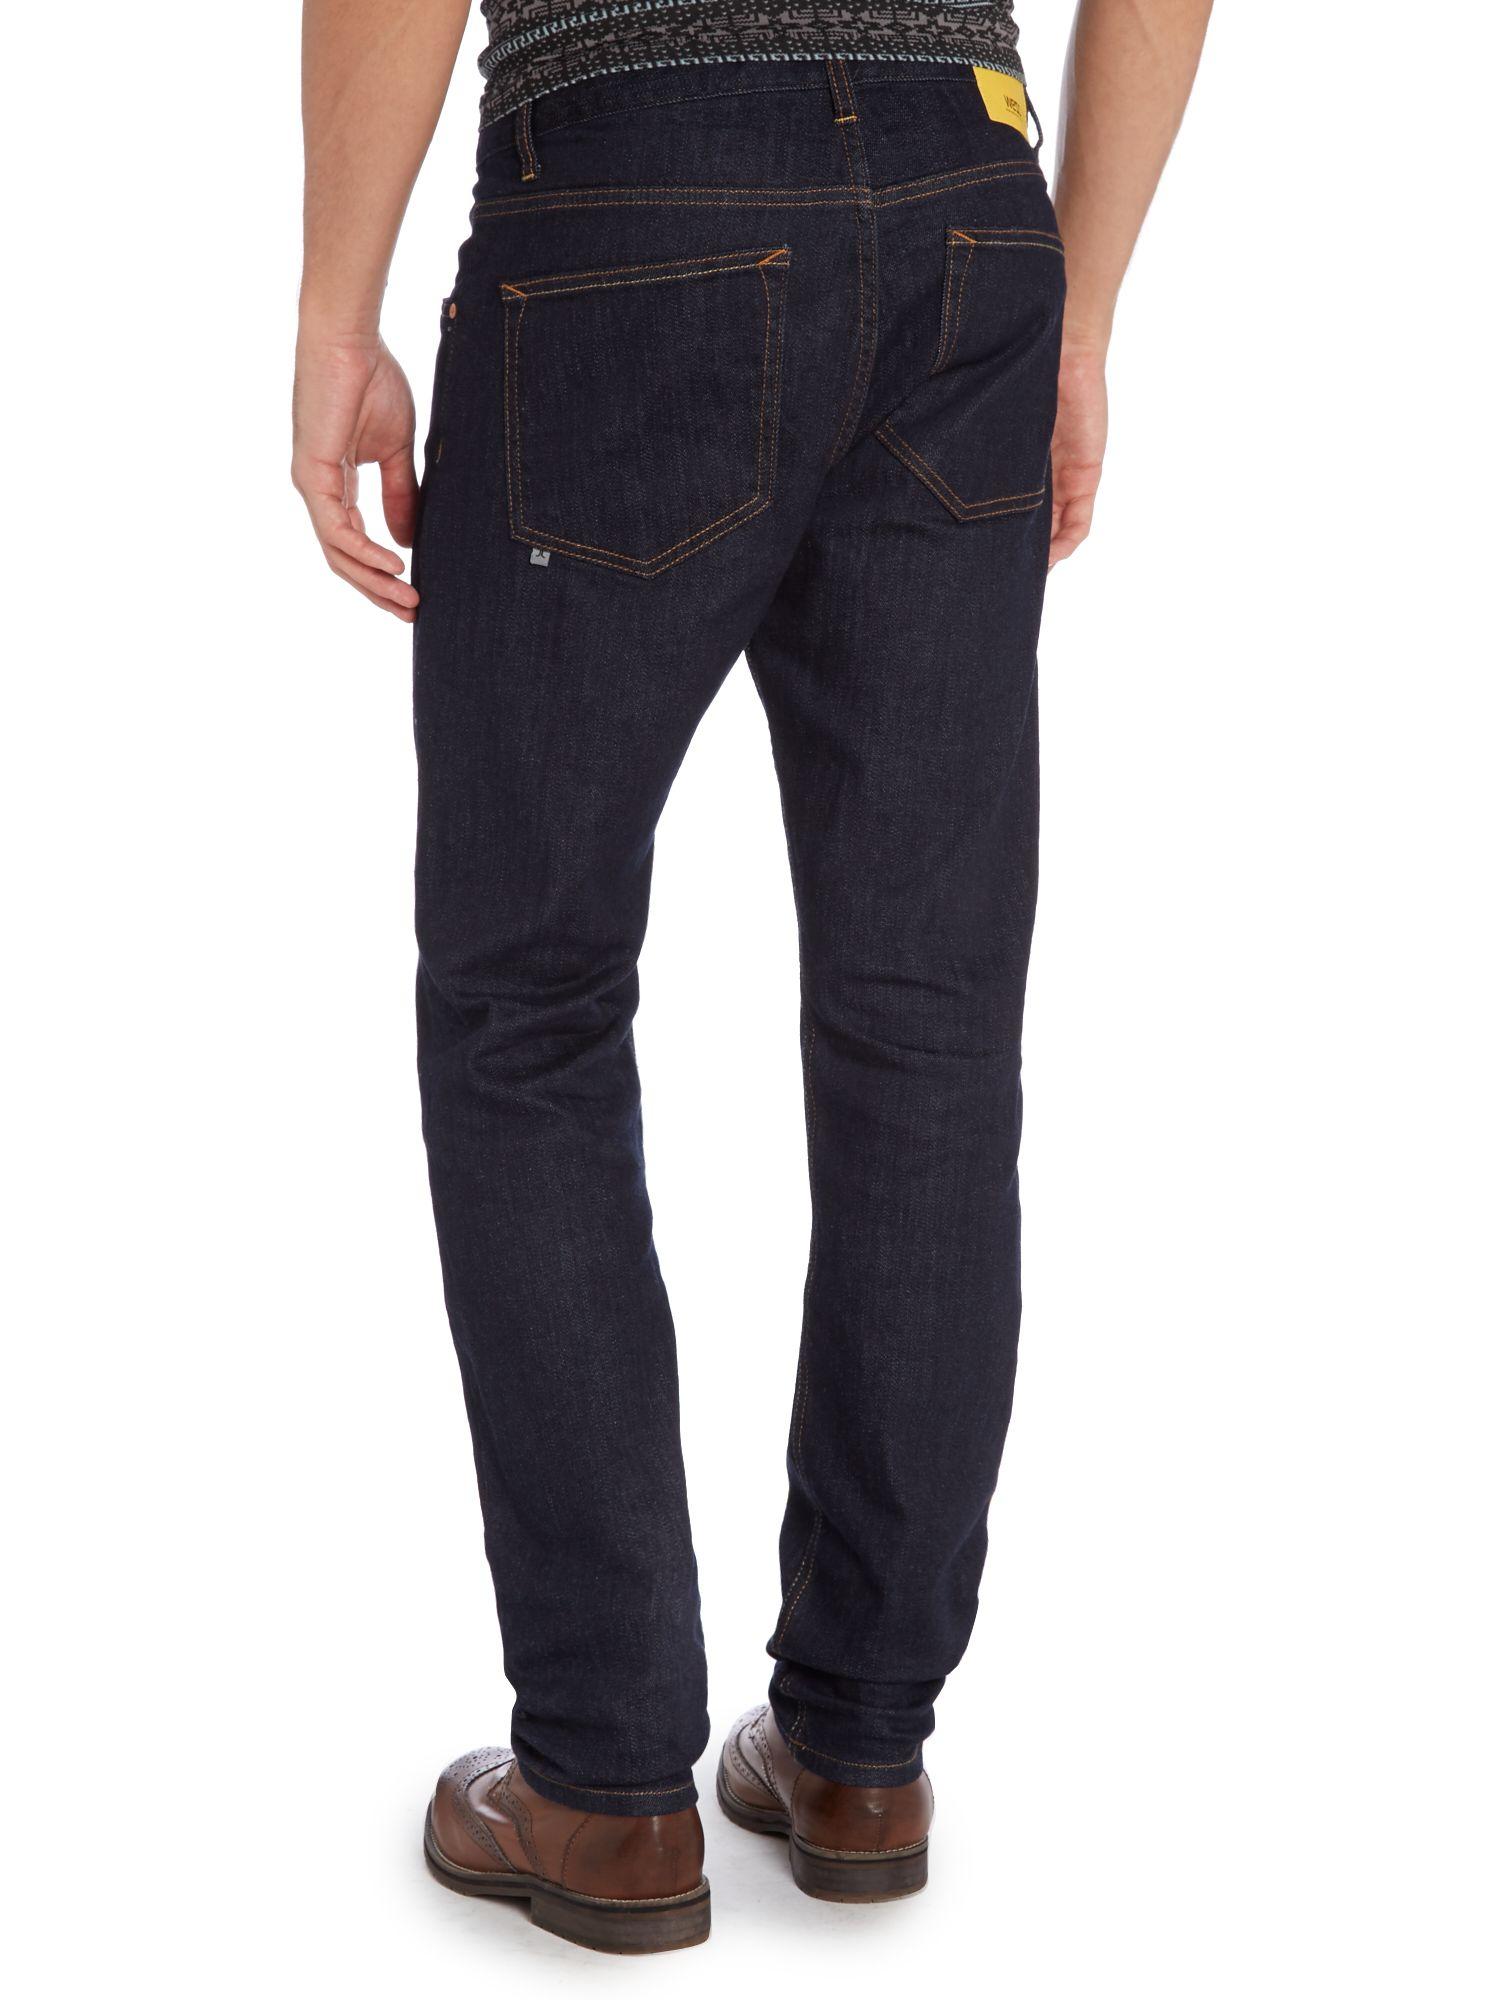 Wesc Denim Eddy Jeans in Indigo (Blue) for Men